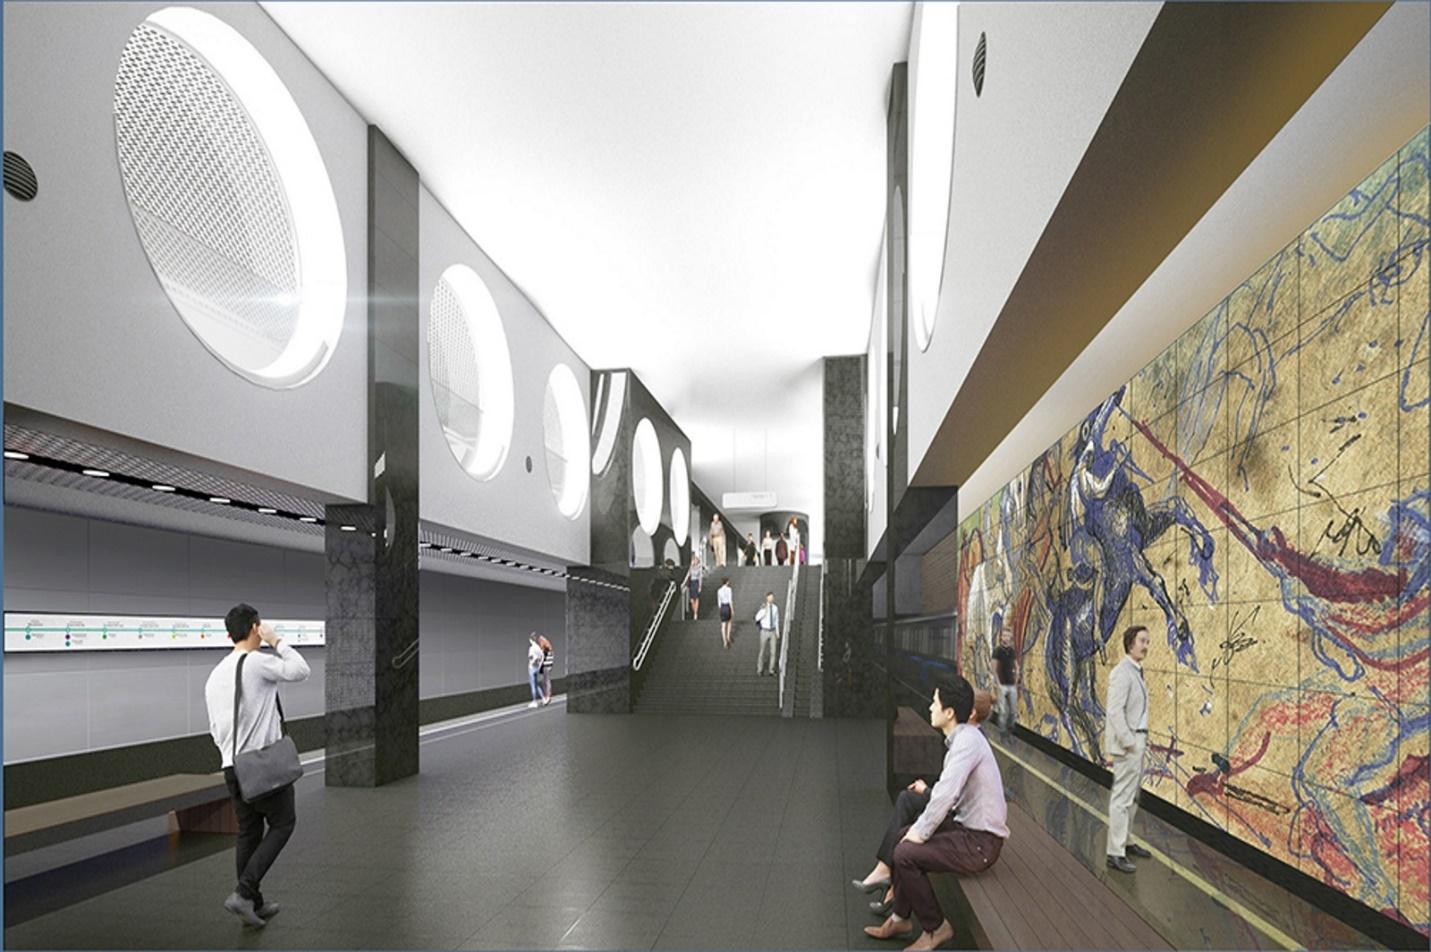 Вестибюли станции выполнены в стиле хай-тек